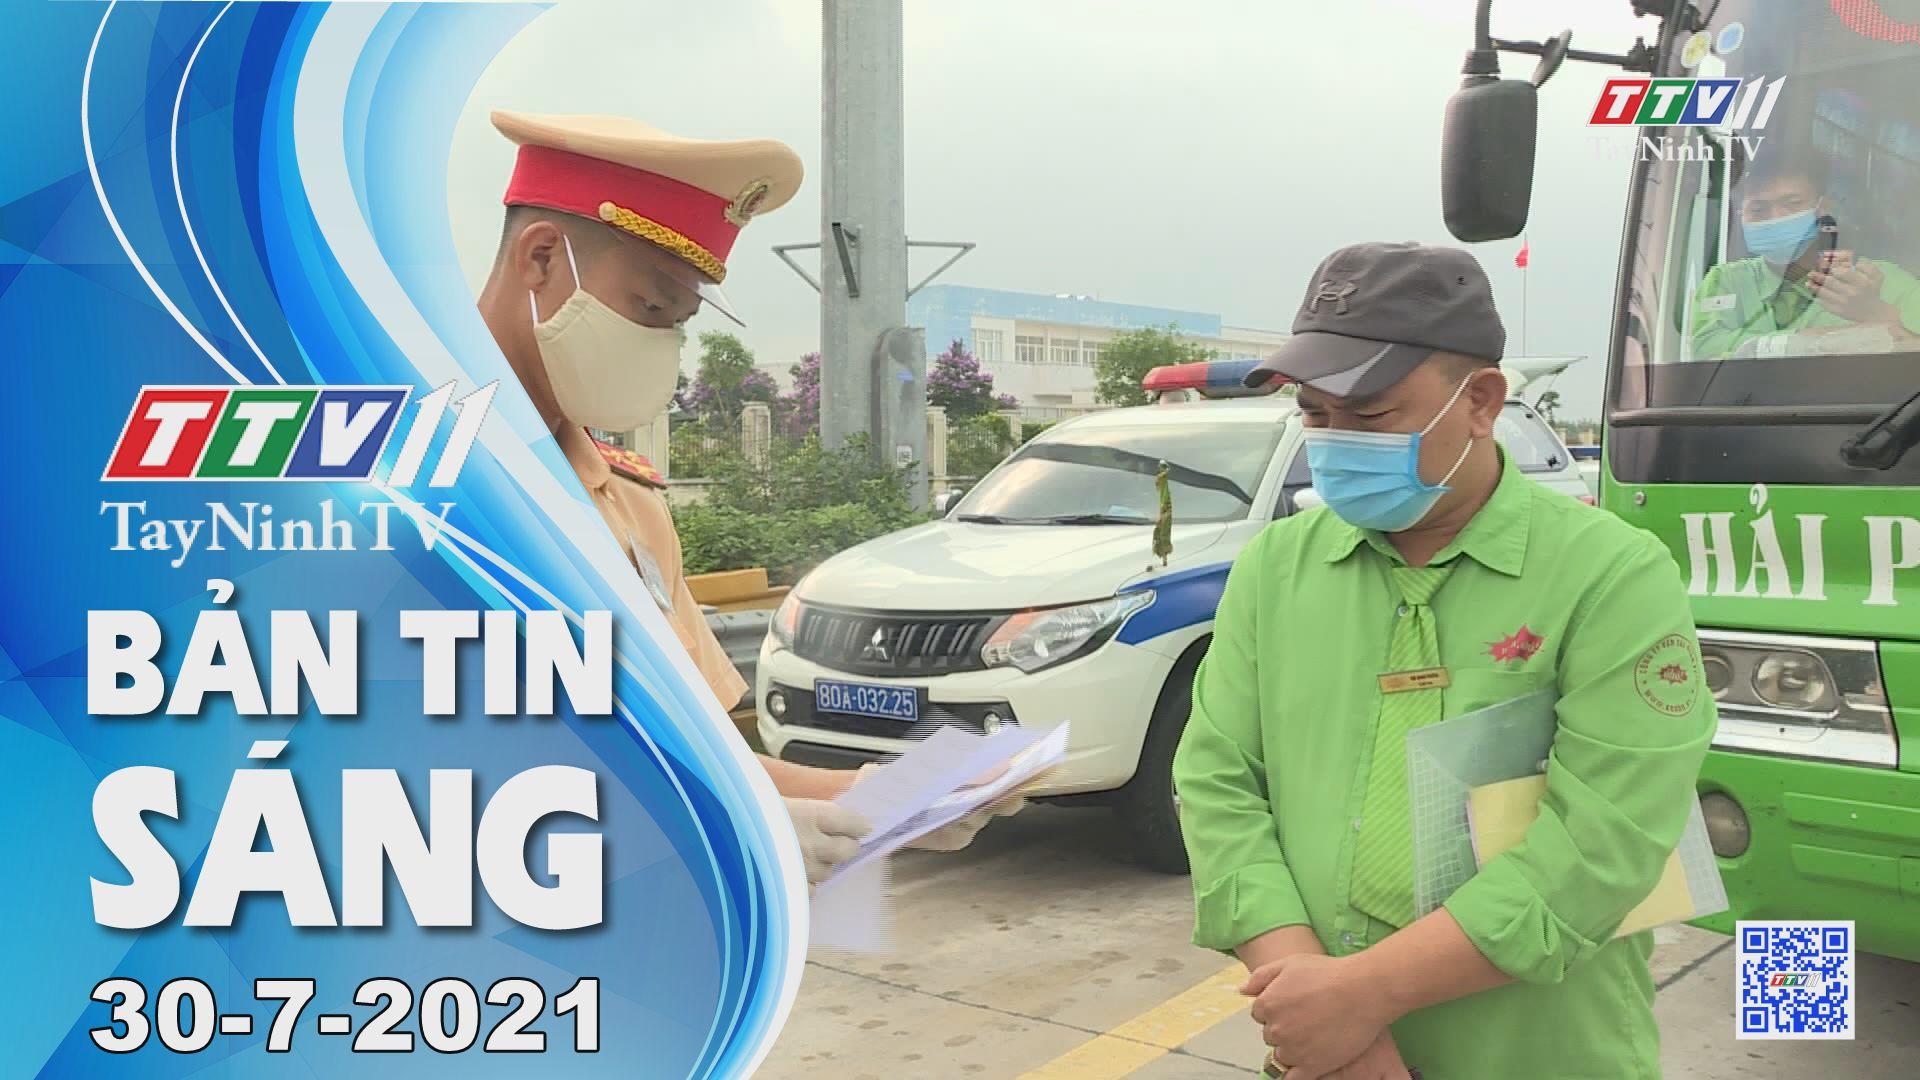 Bản tin sáng 30-7-2021 | Tin tức hôm nay | TayNinhTV